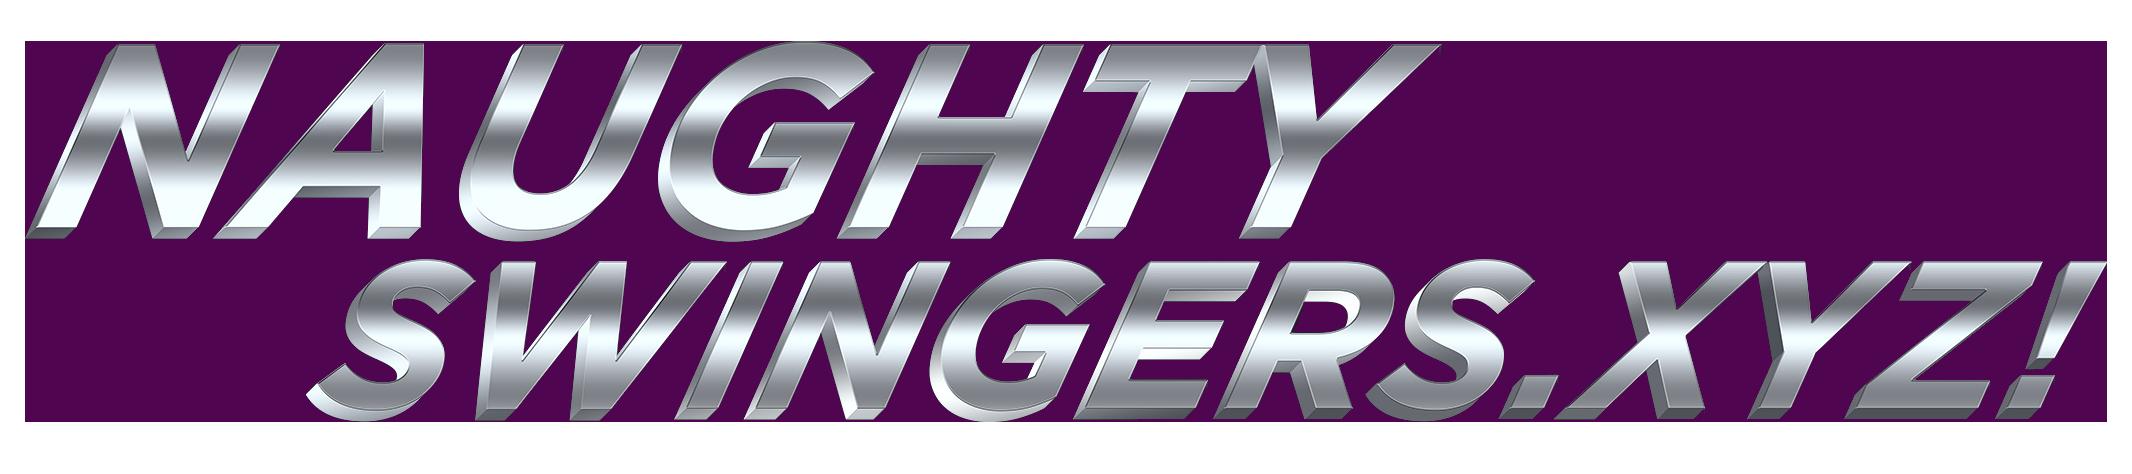 Naughtyswingers.xyz